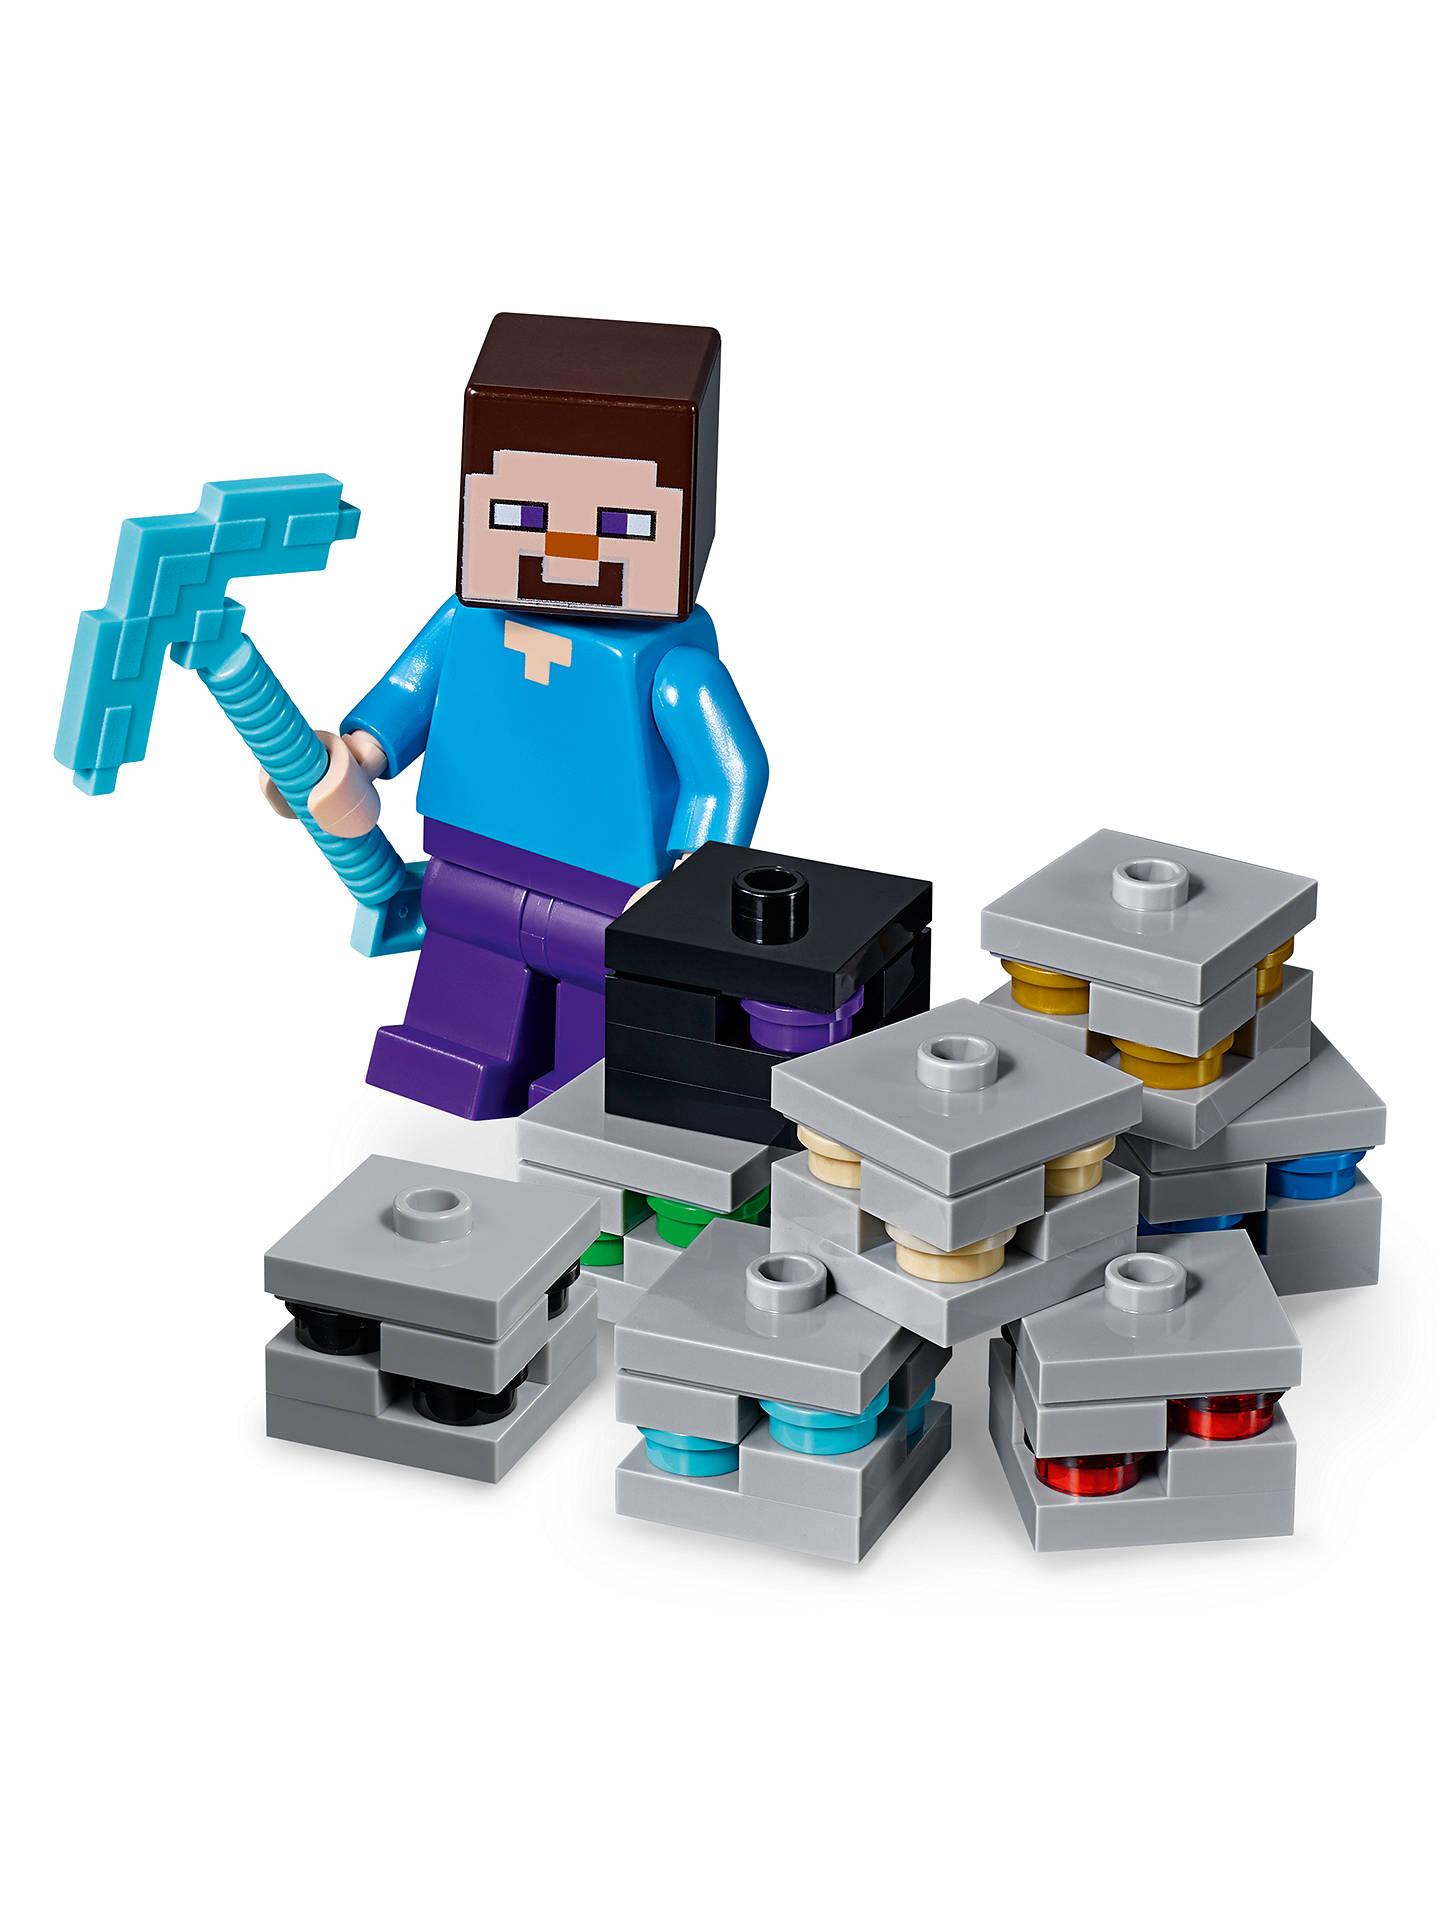 LEGO Minecraft 21147 Bedrock Adventures